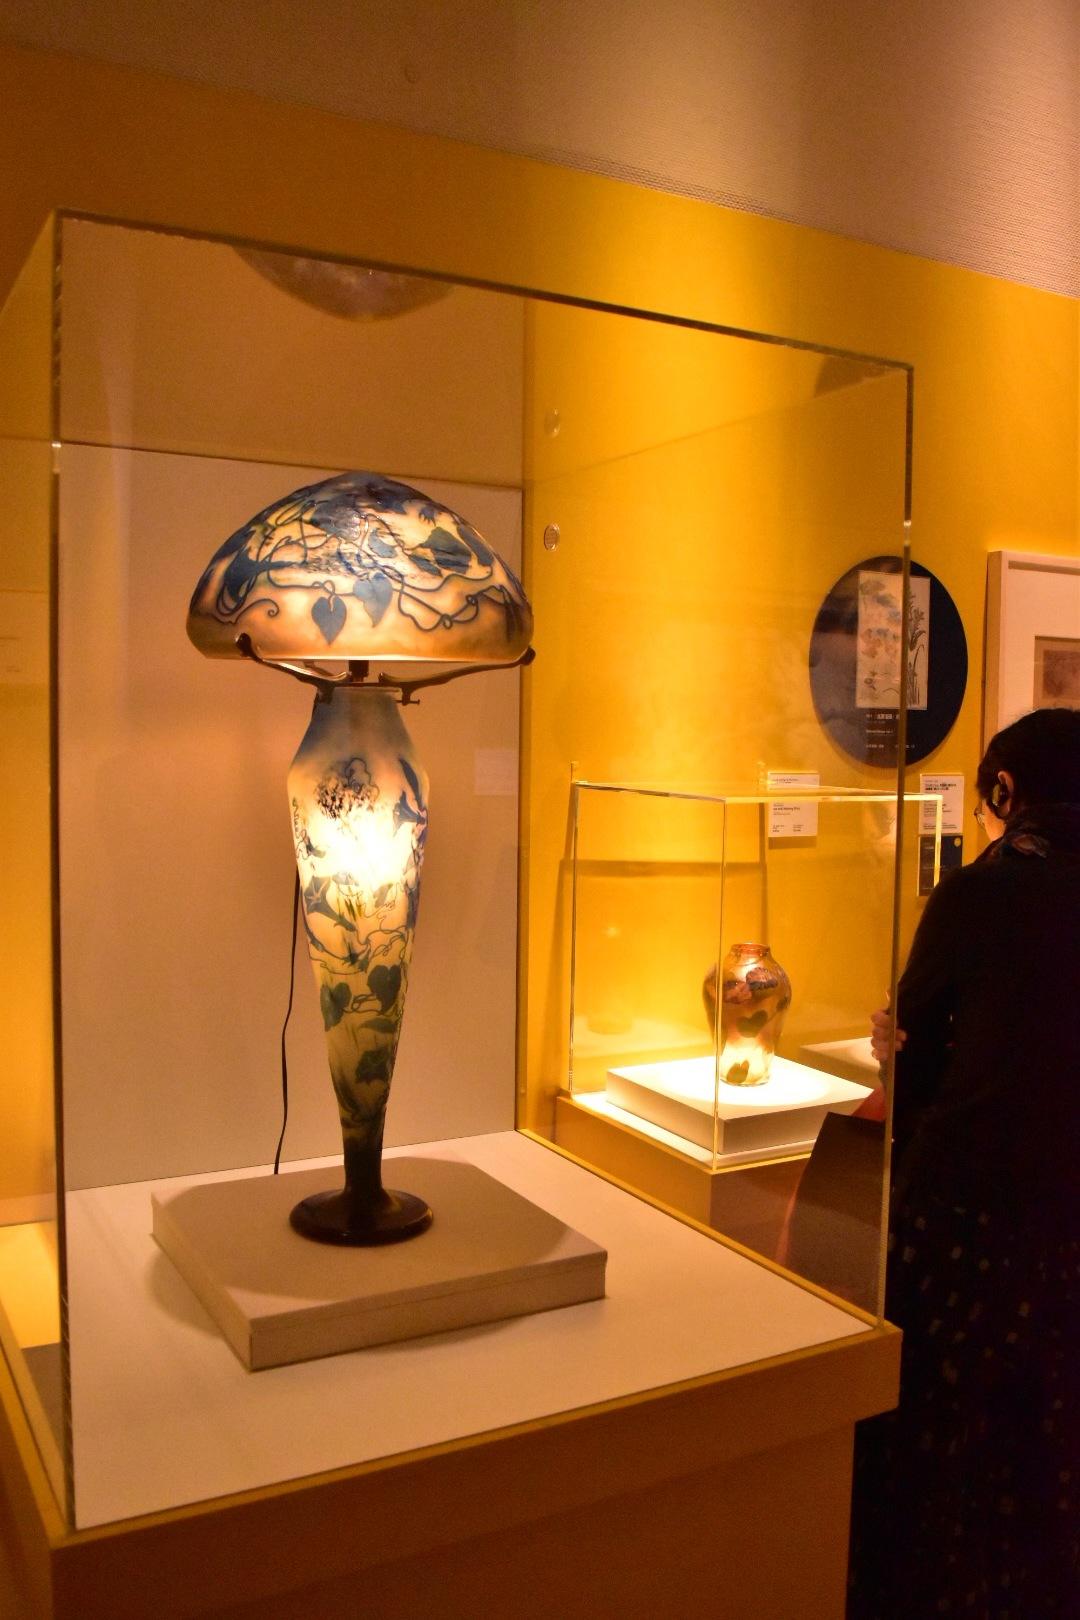 エミール・ガレ《ランプ:朝顔》1904年頃 ヤマザキマザック美術館